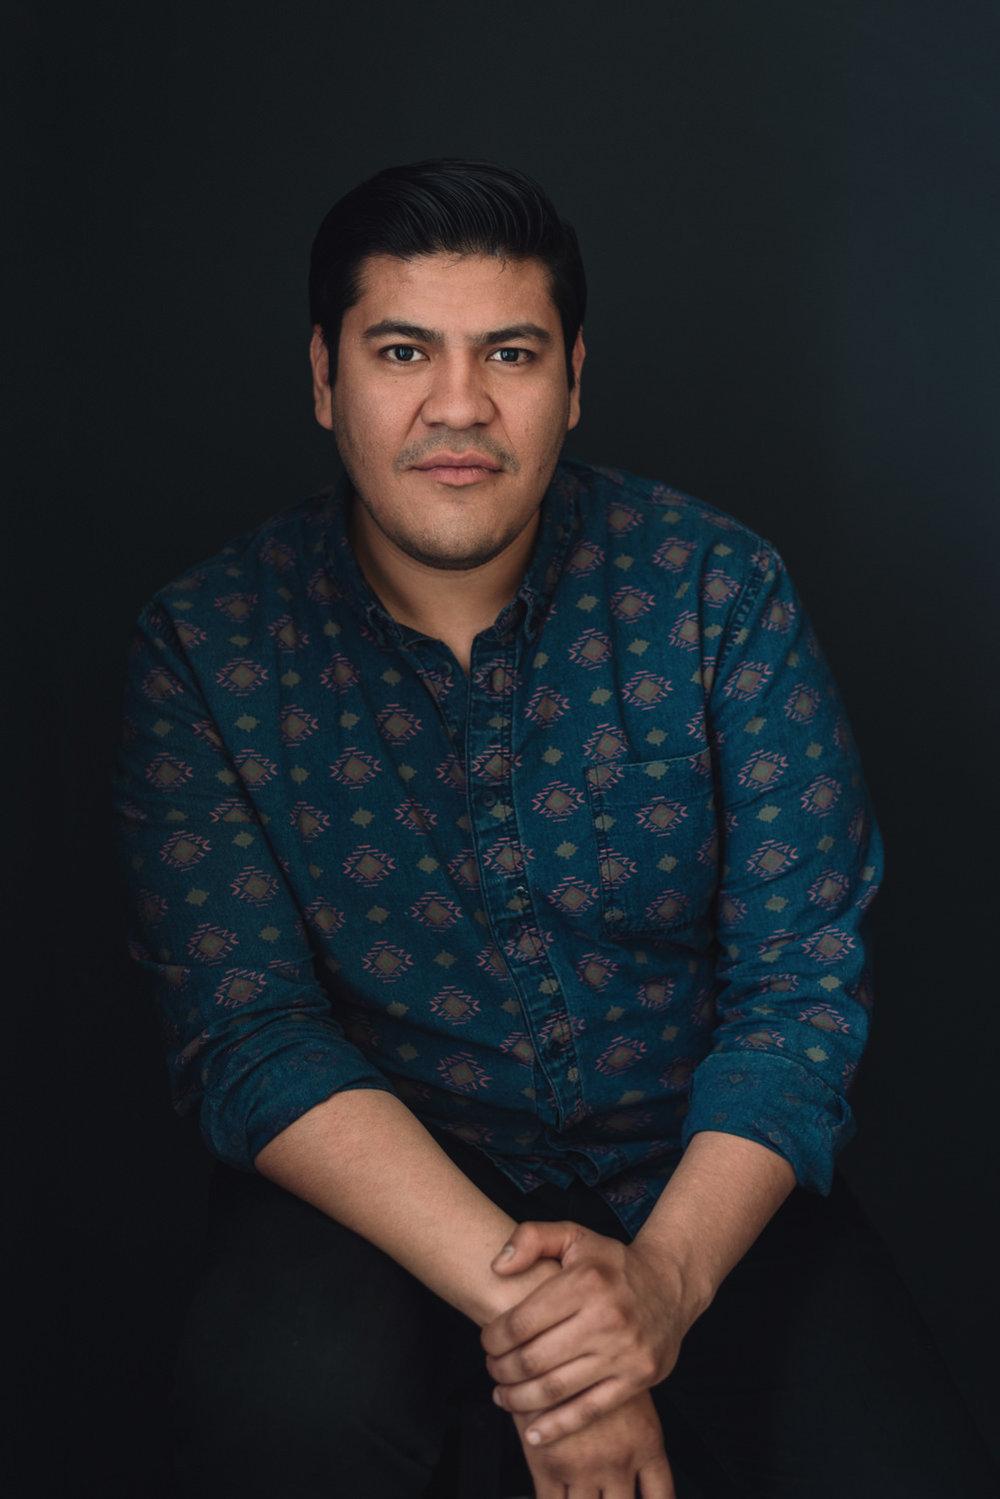 Sesion-de-fotos-mexicali-retrato-arrobamadre-arrobafm-Rene